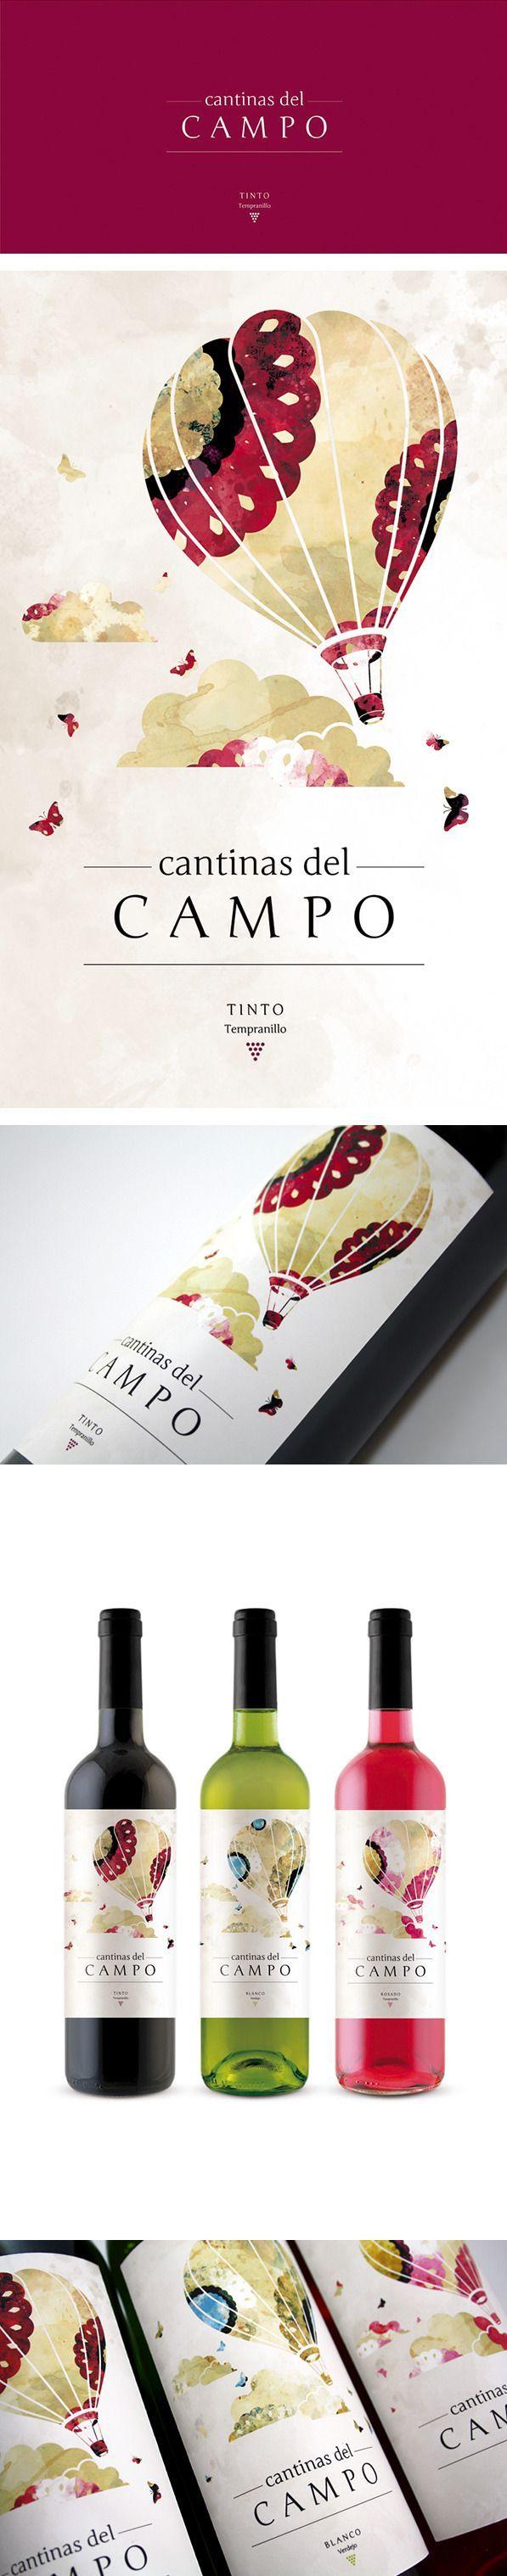 Wine label design · Cantinas del Campo by Giovanni Acquaviva: